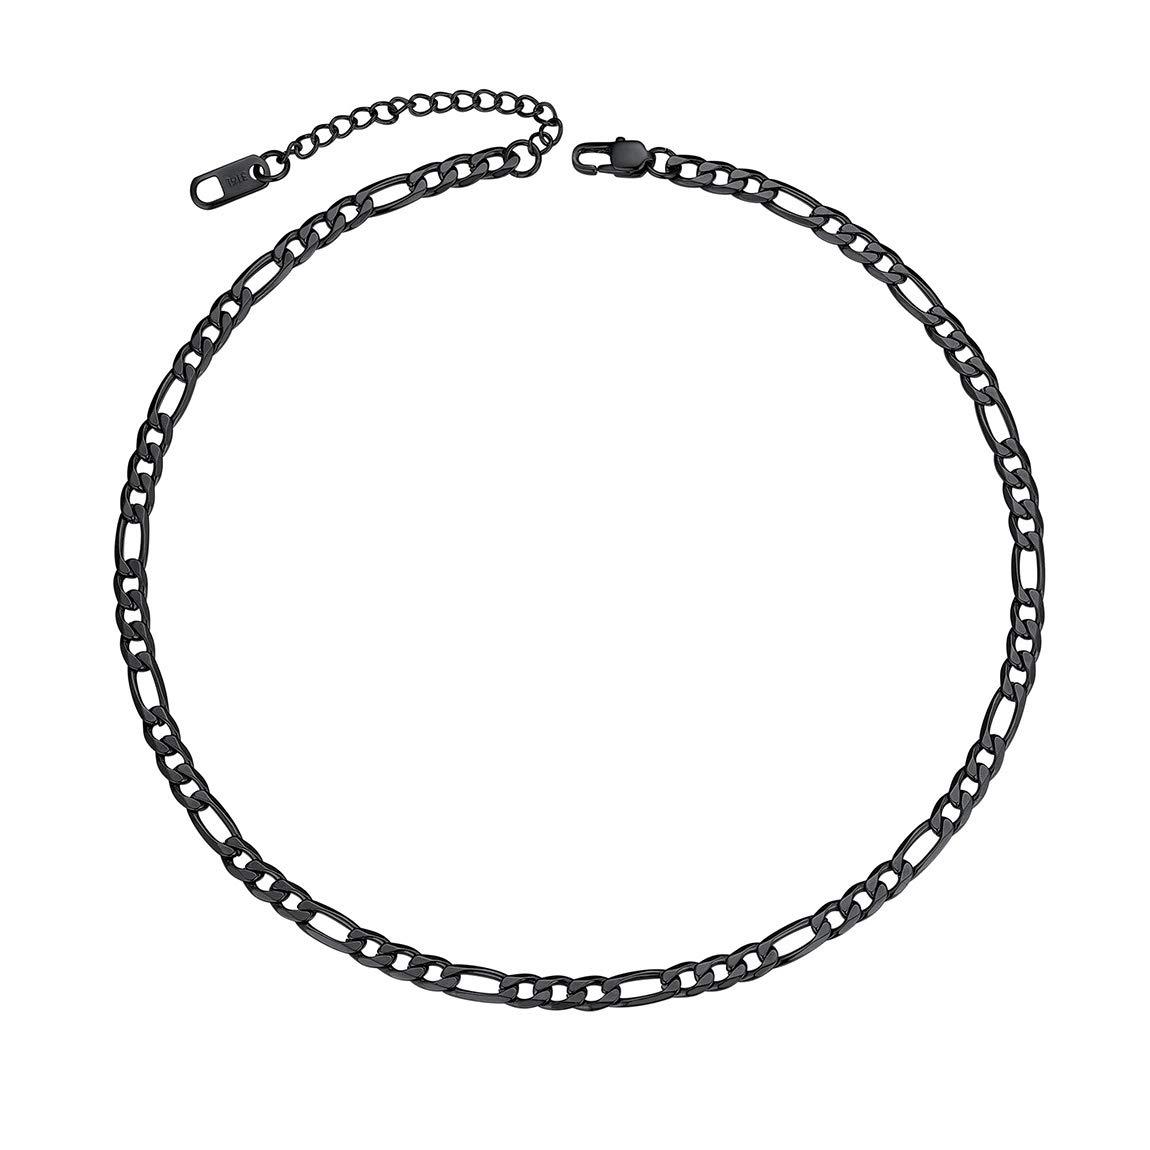 ChainsPro Collier Homme Cha/îne Maille Figaro 3+1 -Largeur 4MM Ton Argent//Noir//Or Longueur 35+5//46//51//55//61//66//71//76cm Collier Chunky Style pour Homme Gar/çon Femme avec Coffret Cadeau